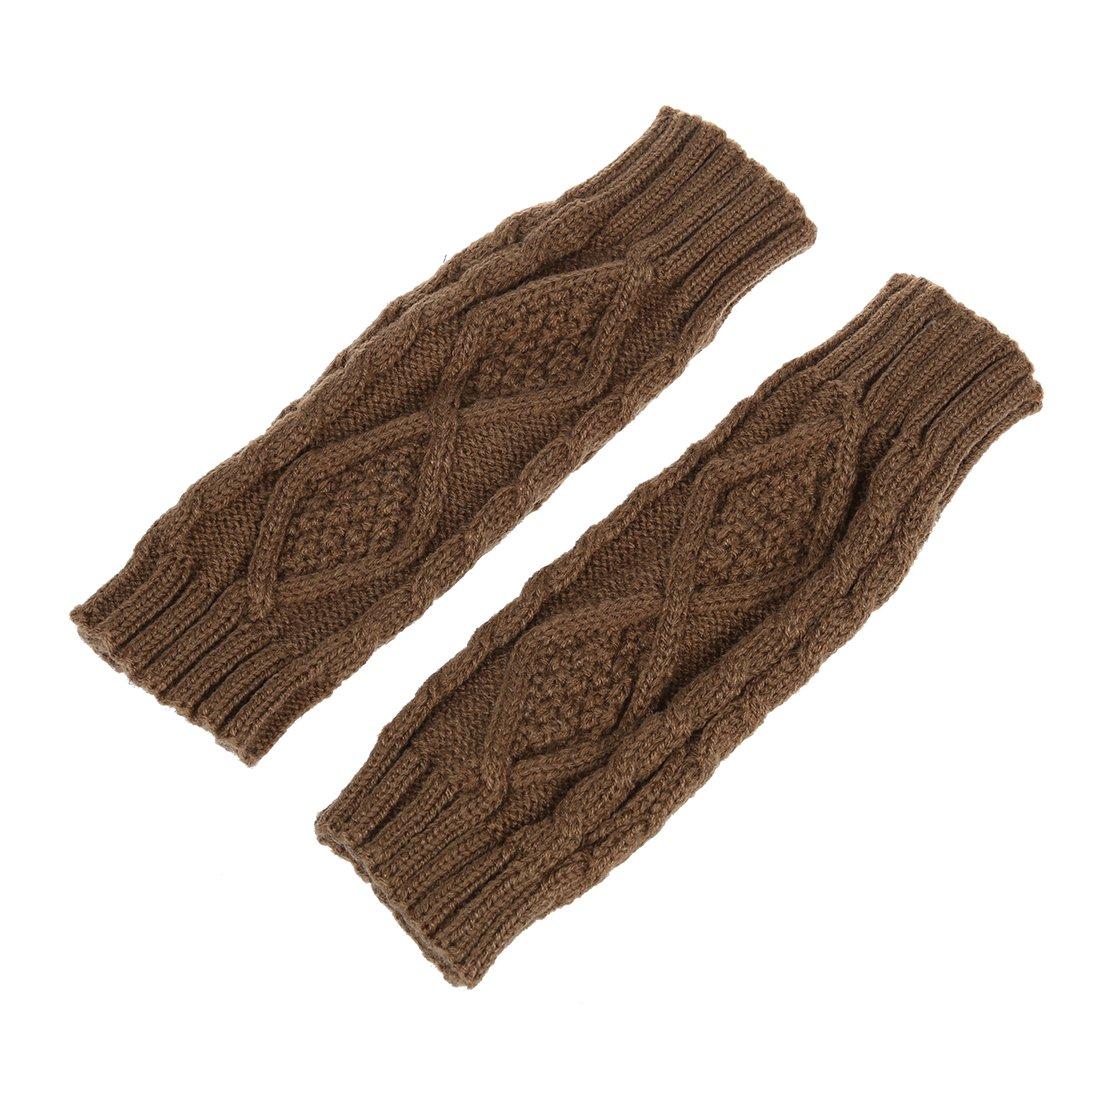 SODIAL (R) Guanti Inverno mezza dita / senza dita caldo grosso a trecce unisex-Khaki SODIAL(R)